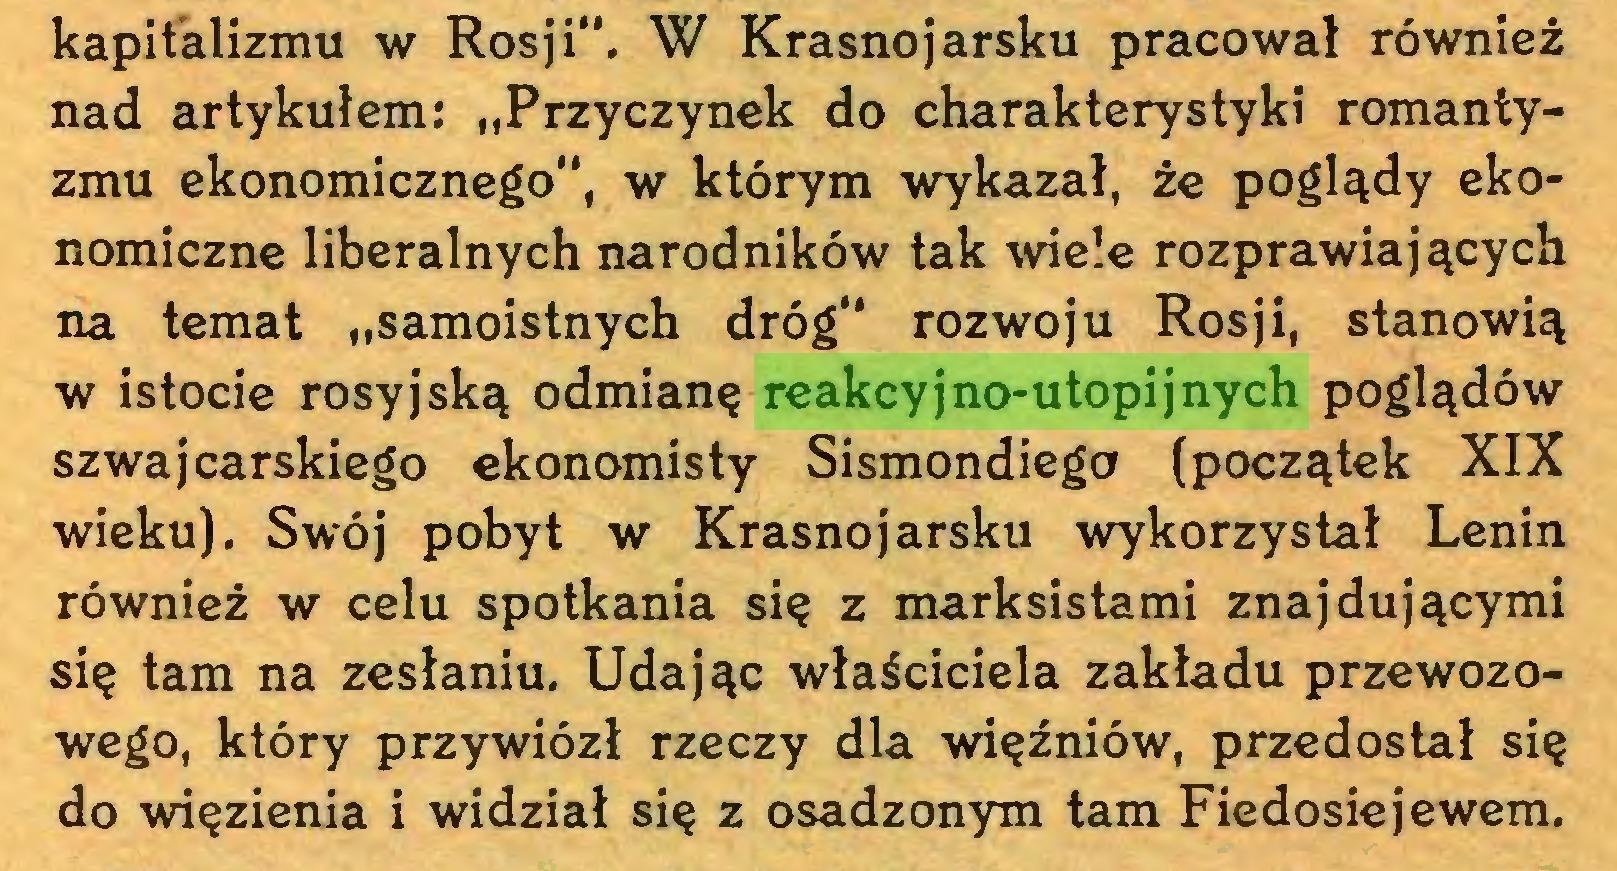 """(...) kapitalizmu w Rosji"""". W Krasnojarsku pracował również nad artykułem: """"Przyczynek do charakterystyki romantyzmu ekonomicznego"""", w którym wykazał, że poglądy ekonomiczne liberalnych narodników tak wiele rozprawiających na temat """"samoistnych dróg"""" rozwoju Rosji, stanowią w istocie rosyjską odmianę reakcyjno-utopijnych poglądów szwajcarskiego ekonomisty Sismondiego (początek XIX wieku). Swój pobyt w Krasnojarsku wykorzystał Lenin również w celu spotkania się z marksistami znajdującymi się tam na zesłaniu. Udając właściciela zakładu przewozowego, który przywiózł rzeczy dla więźniów, przedostał się do wńęzienia i widział się z osadzonym tam Fiedosiejewem..."""